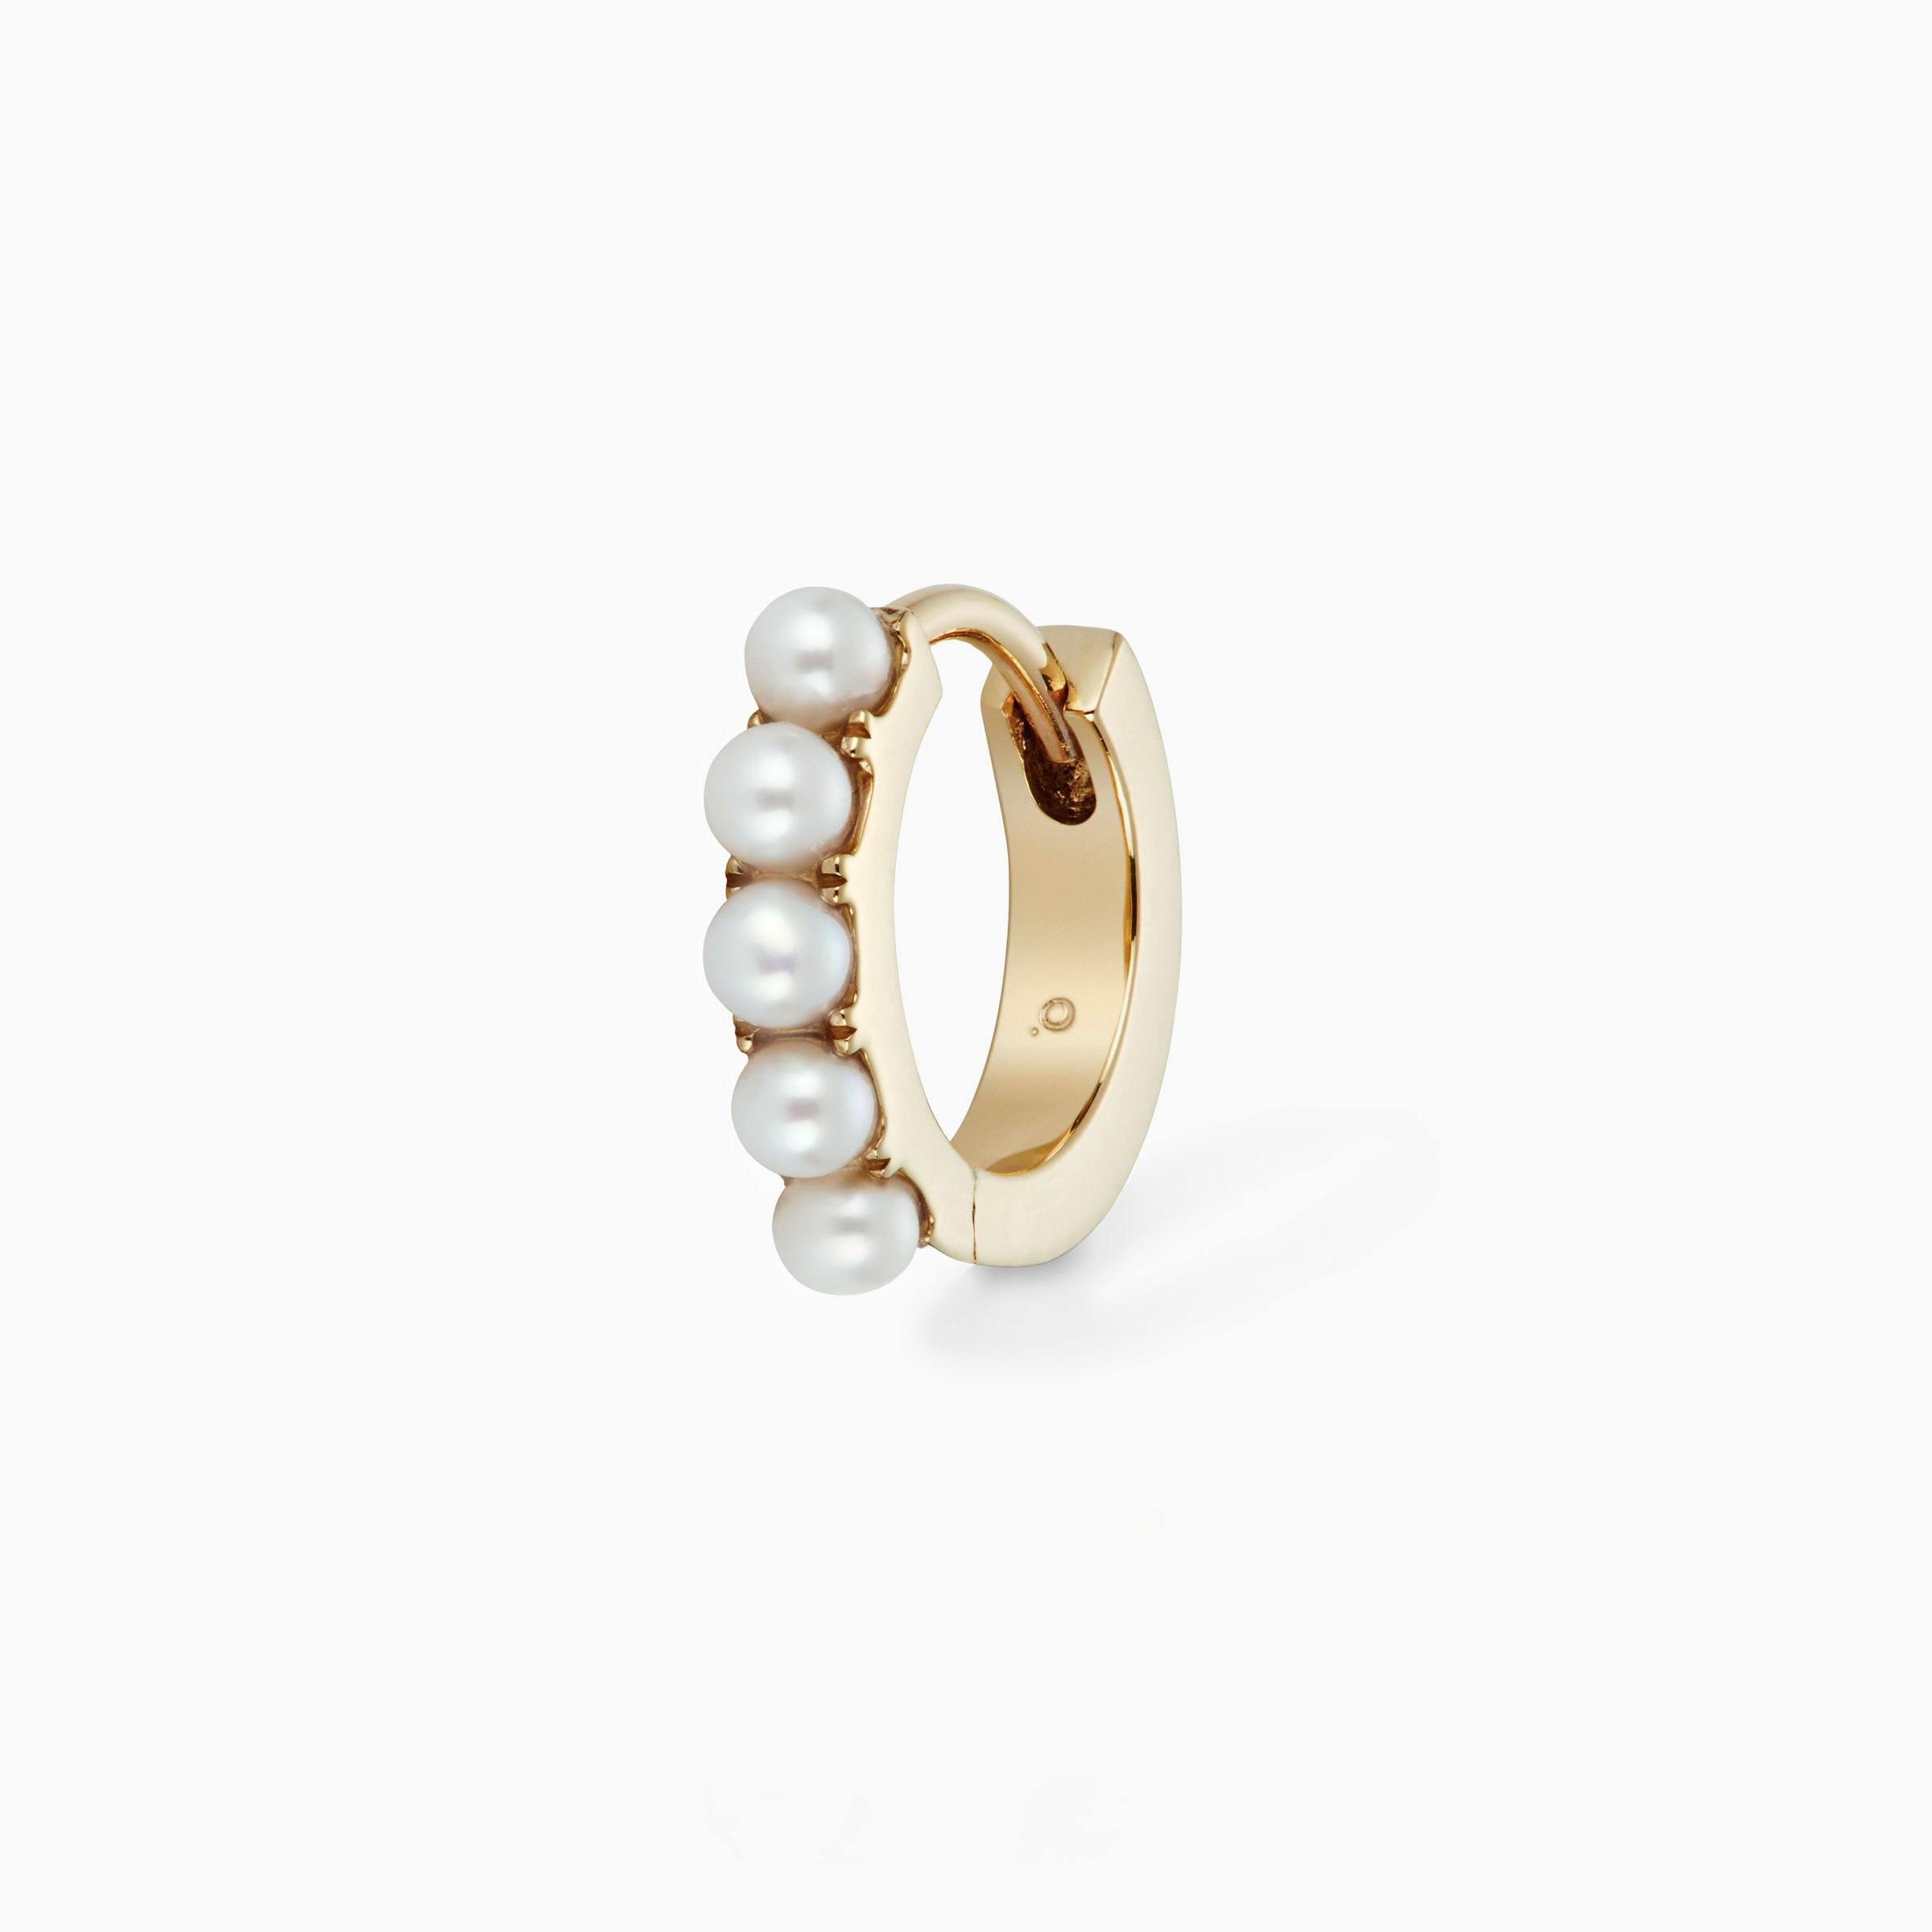 Perlen Huggie Hoop Medium 9-karat echt Gelbgold